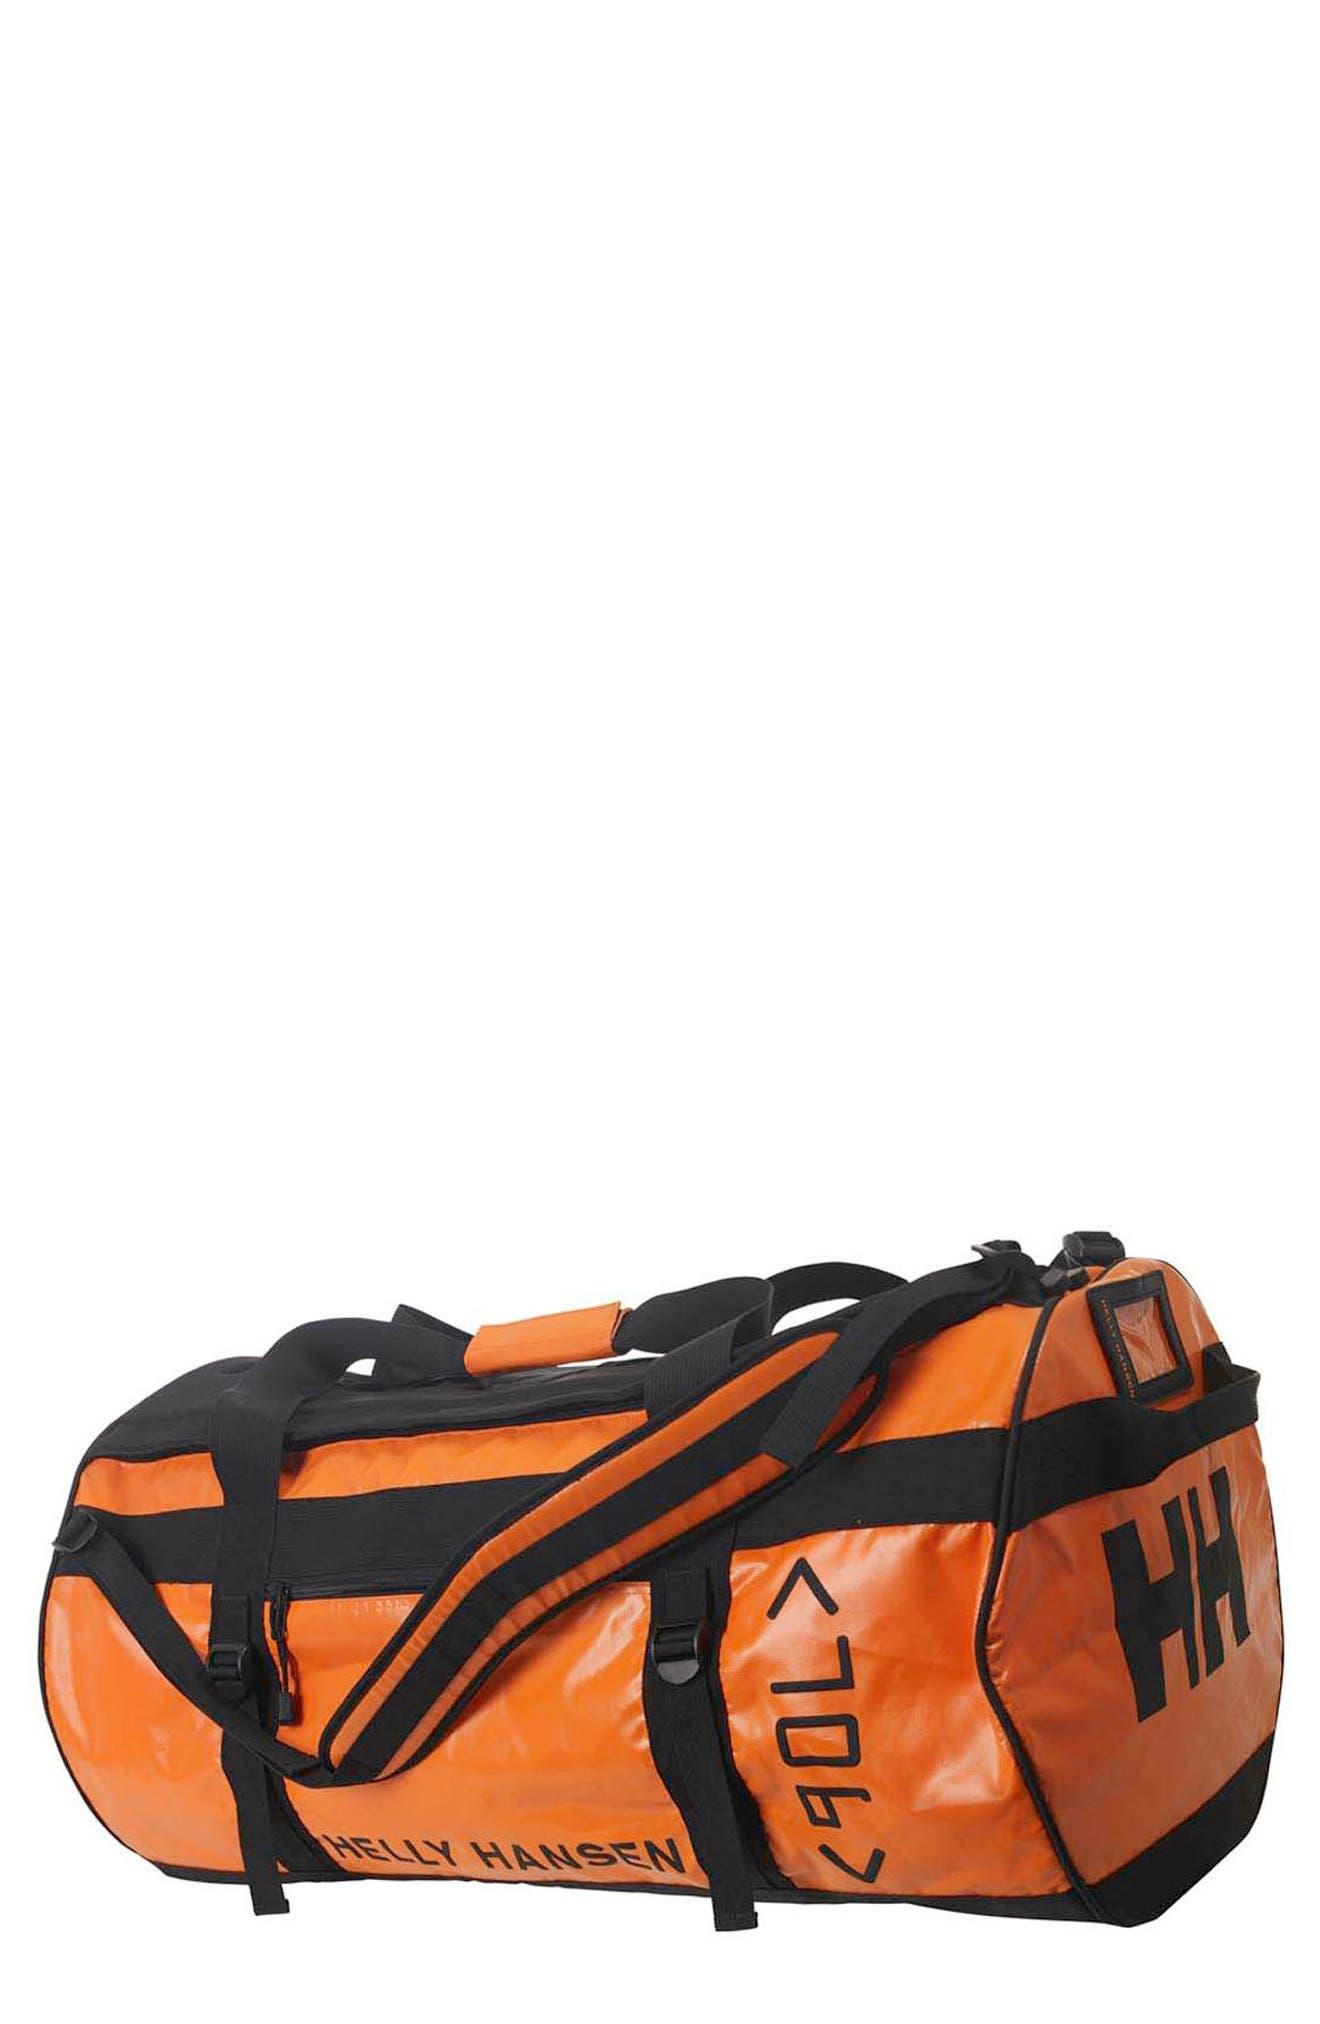 HELLY HANSEN Classic 90-Liter Duffel Bag